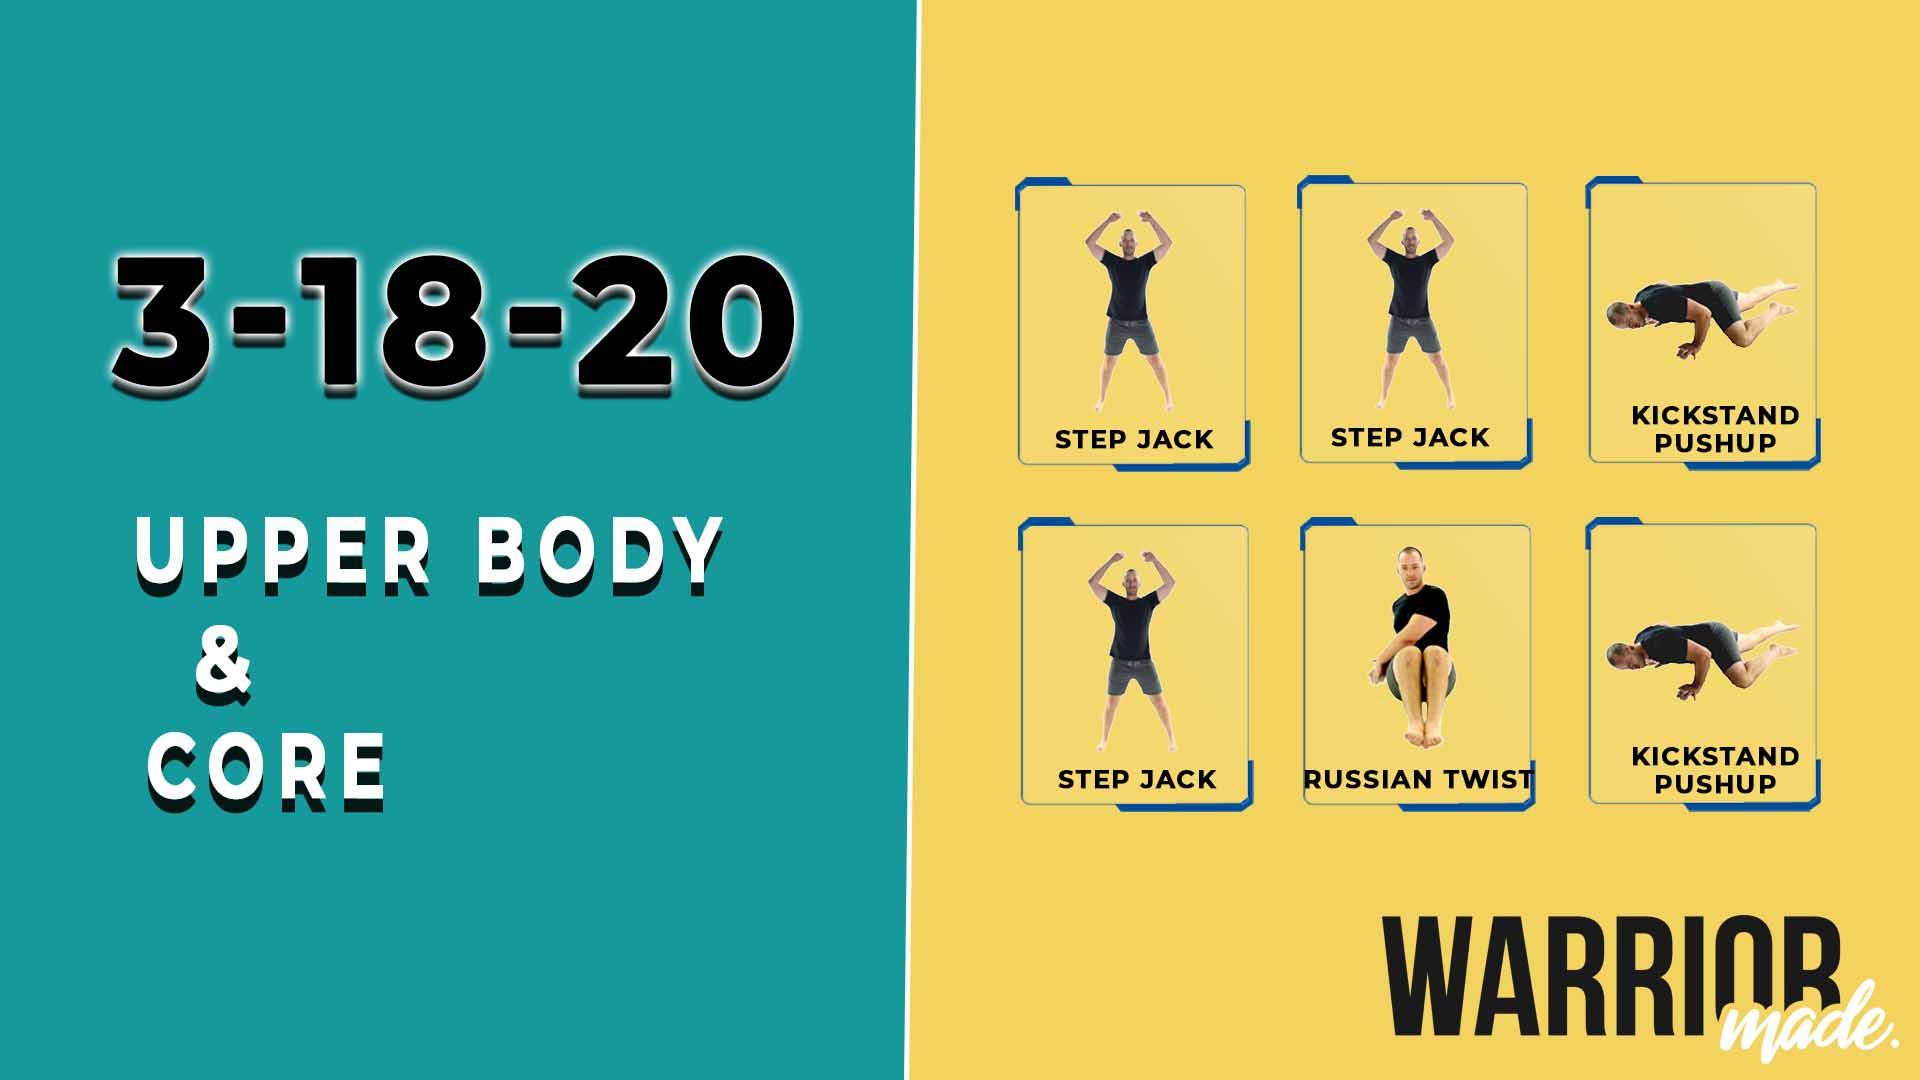 workouts-03-18-20